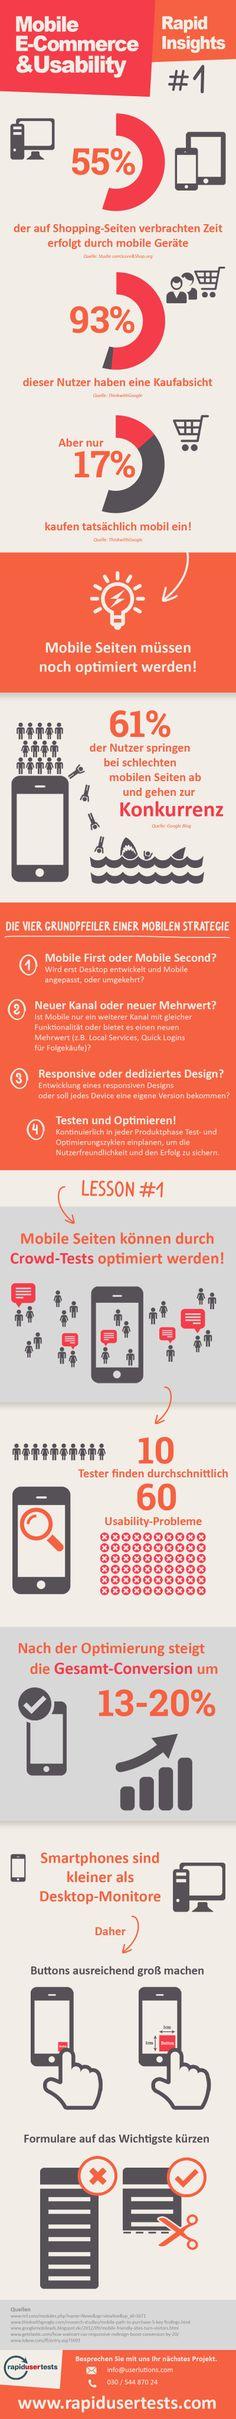 [Infografik] Ein bisschen mehr Mobile Usability, bitte! | mobile zeitgeist